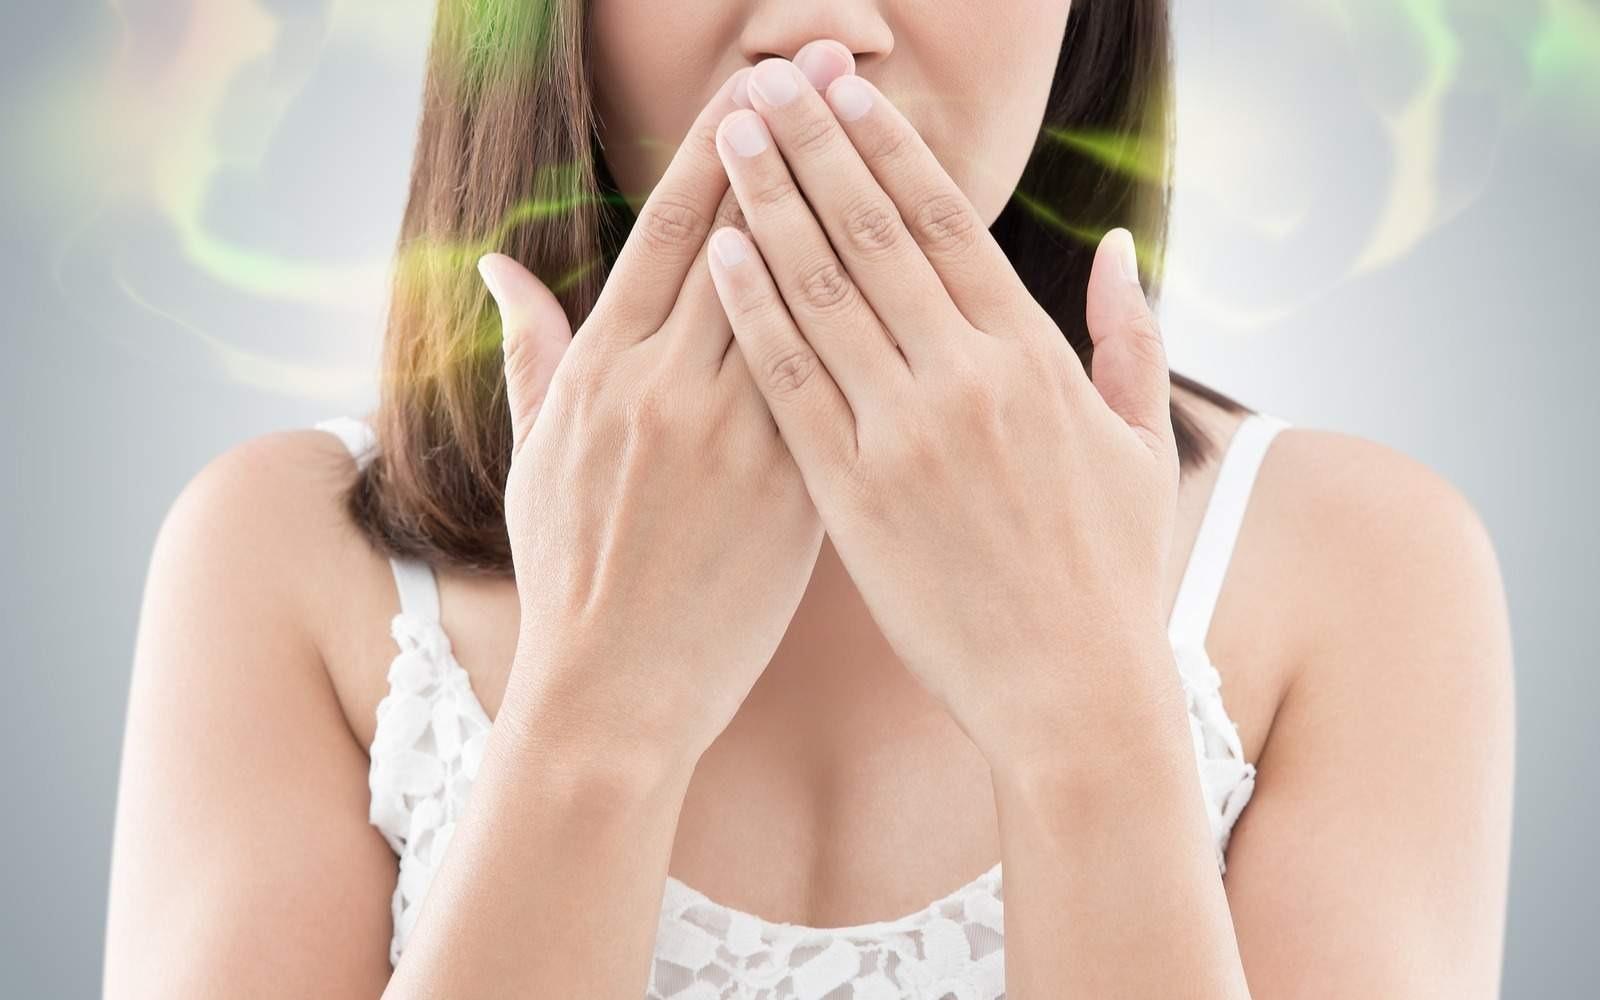 Diabetes Bisa Bikin Bau Mulut, Mitos atau Fakta?